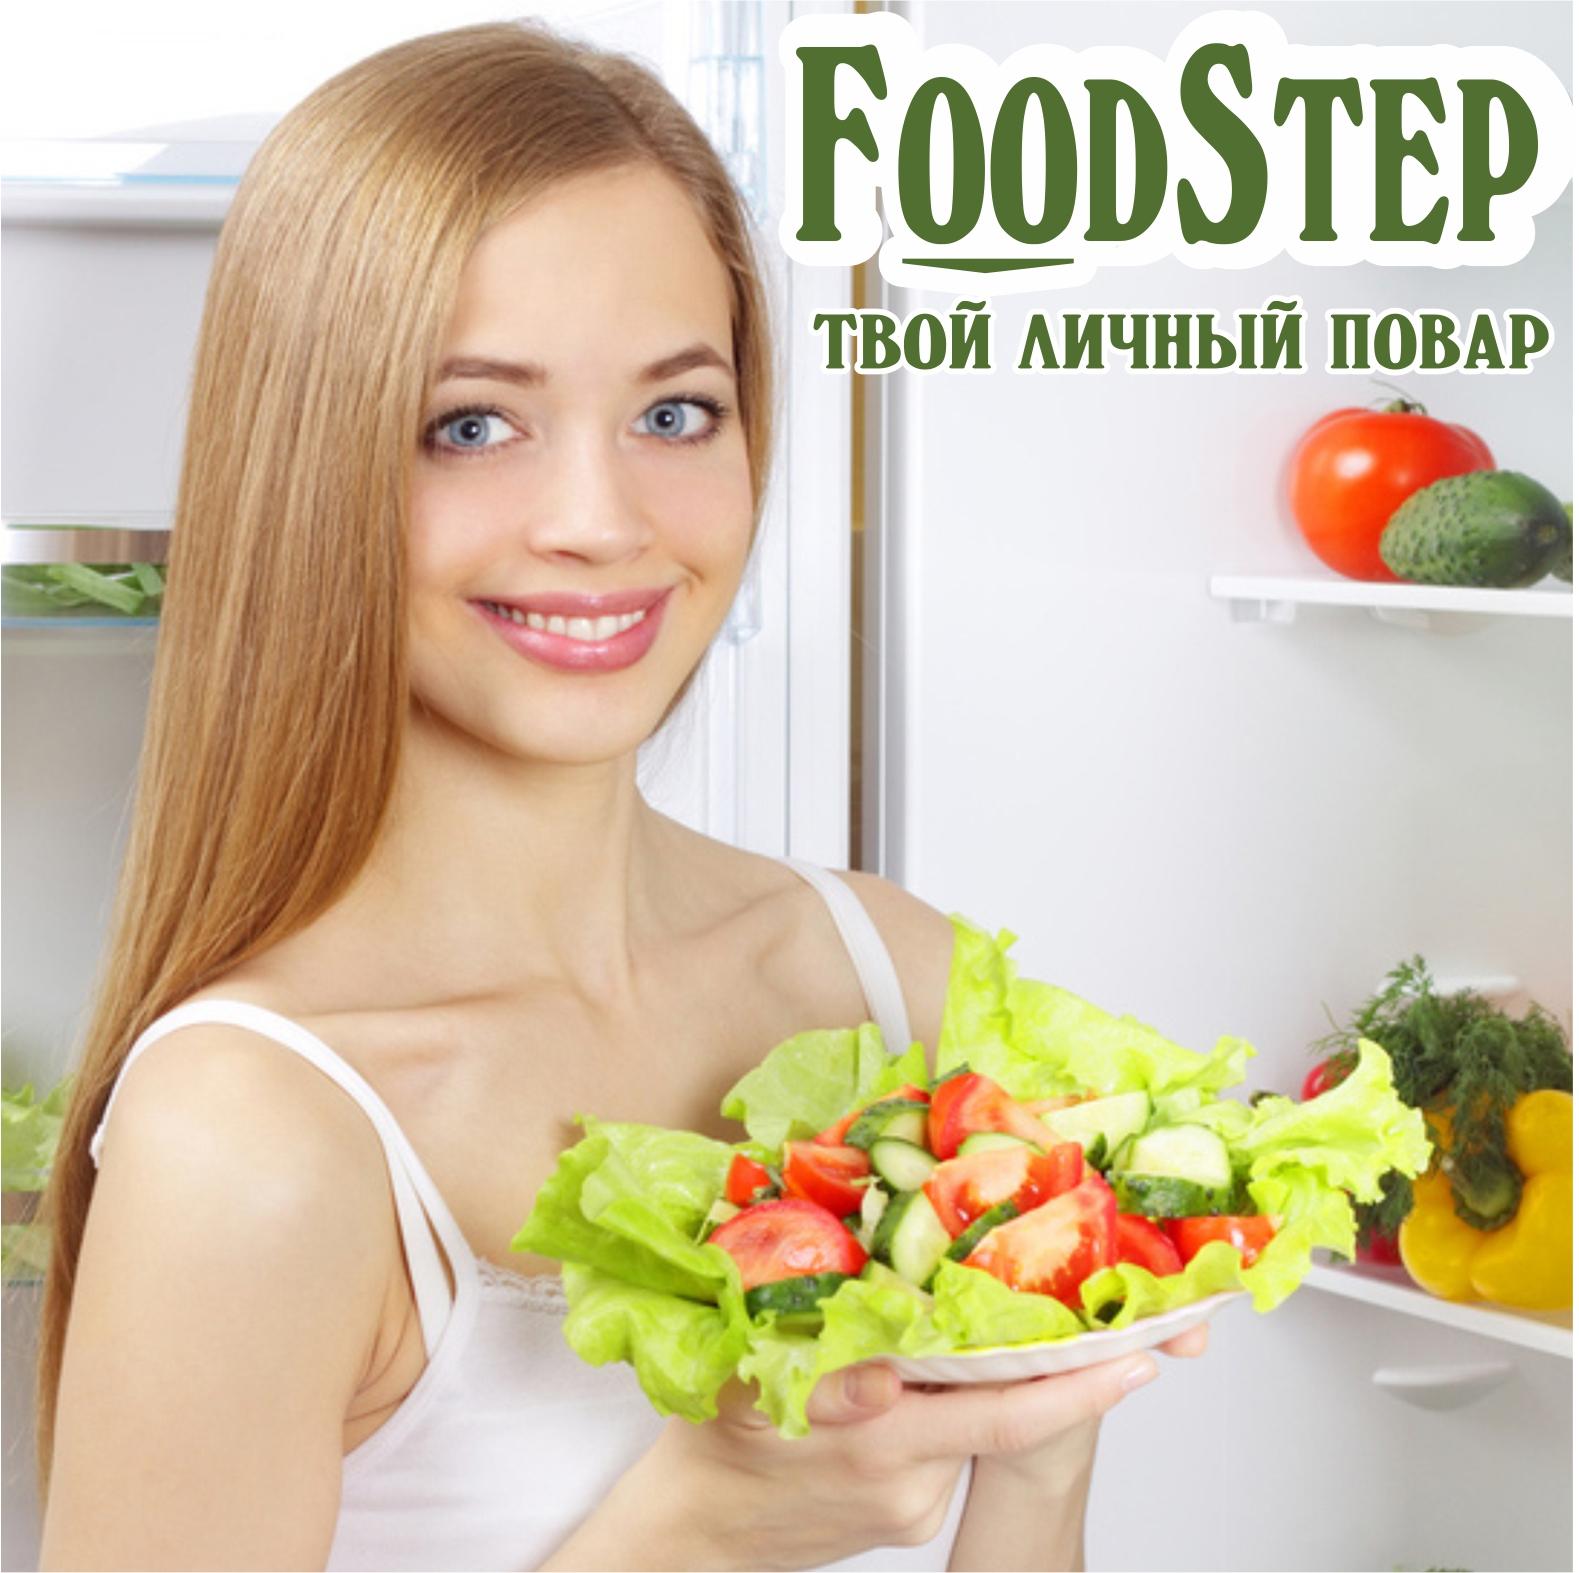 FoodStep (ФудСтеп) - обеды в офис с доставкой